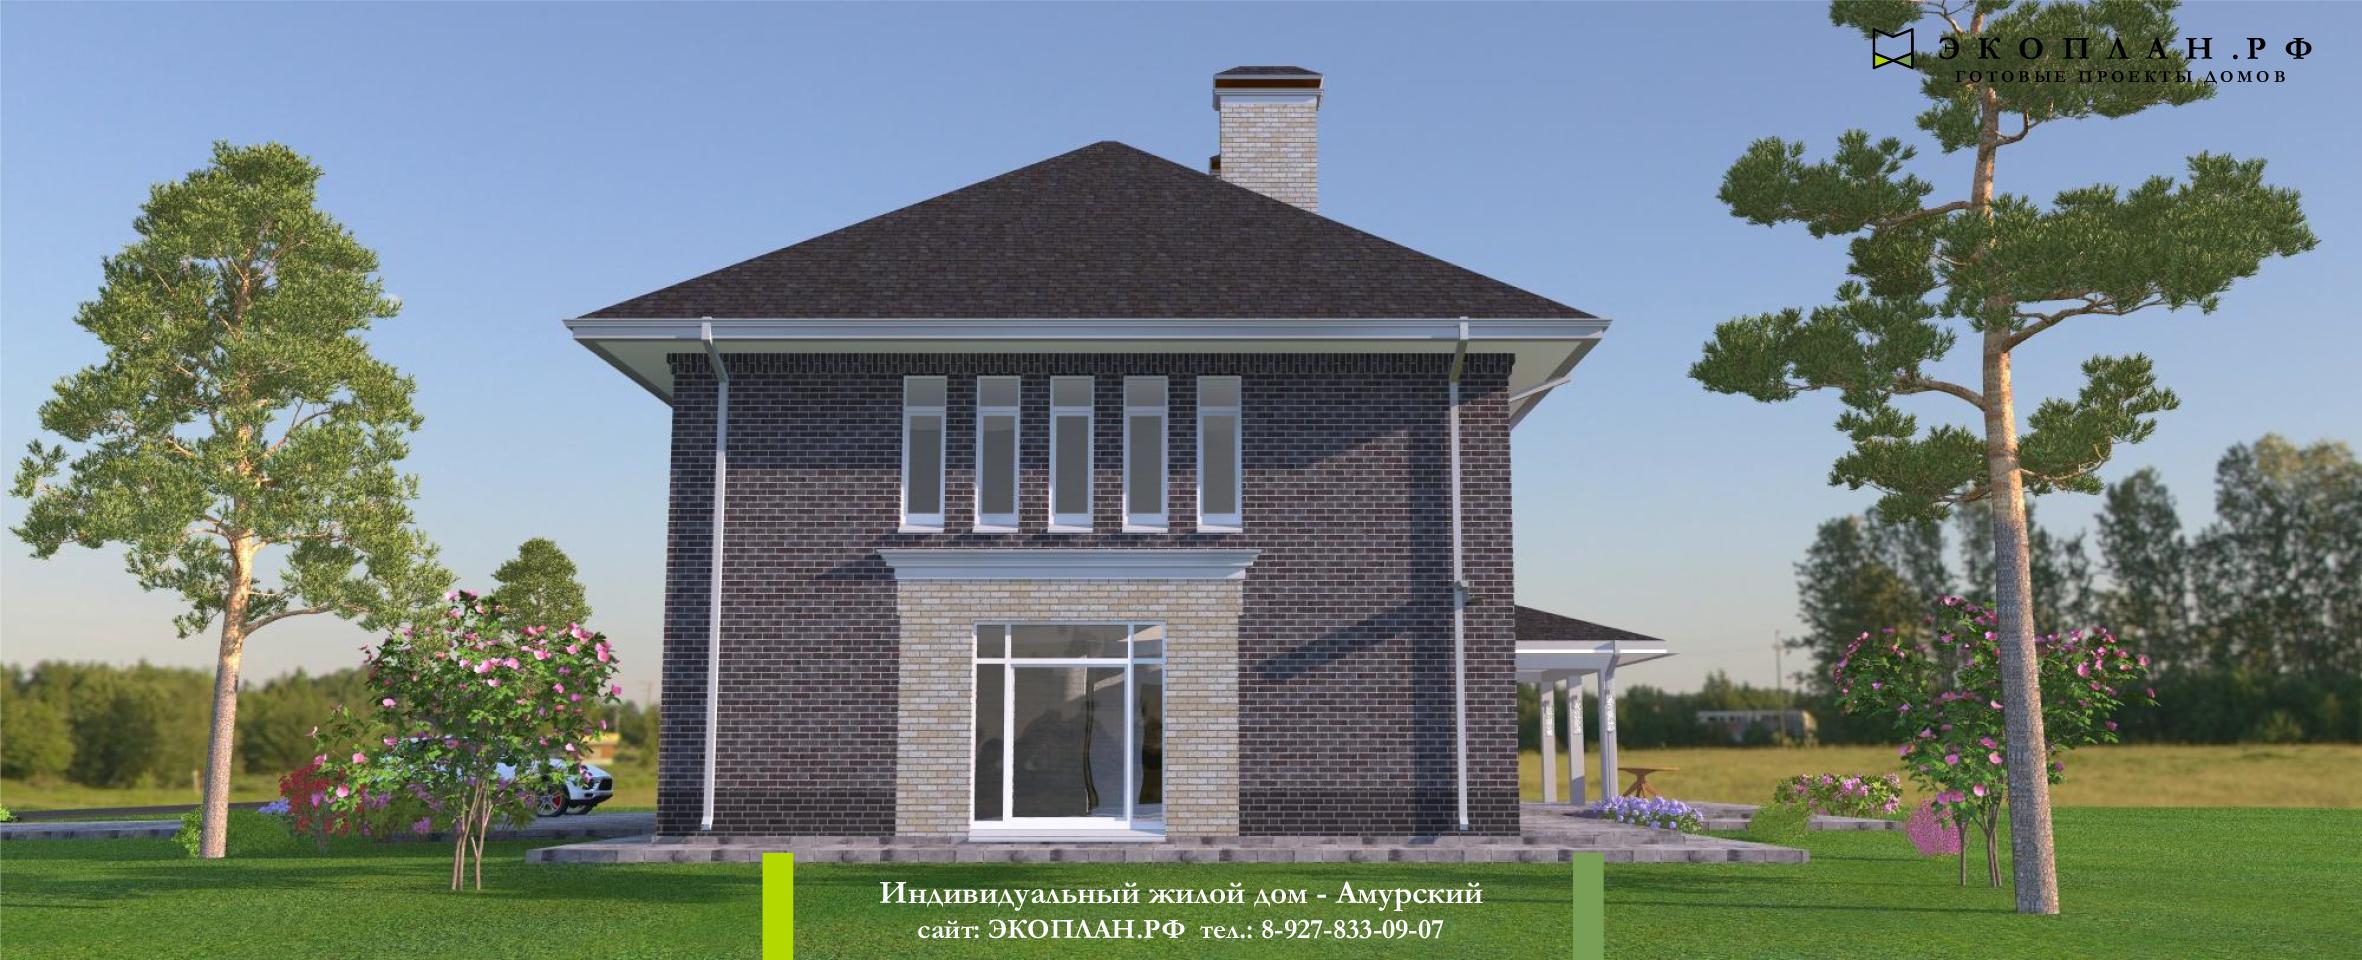 Амурский - готовый проект дома - Эколпан.рф фасад